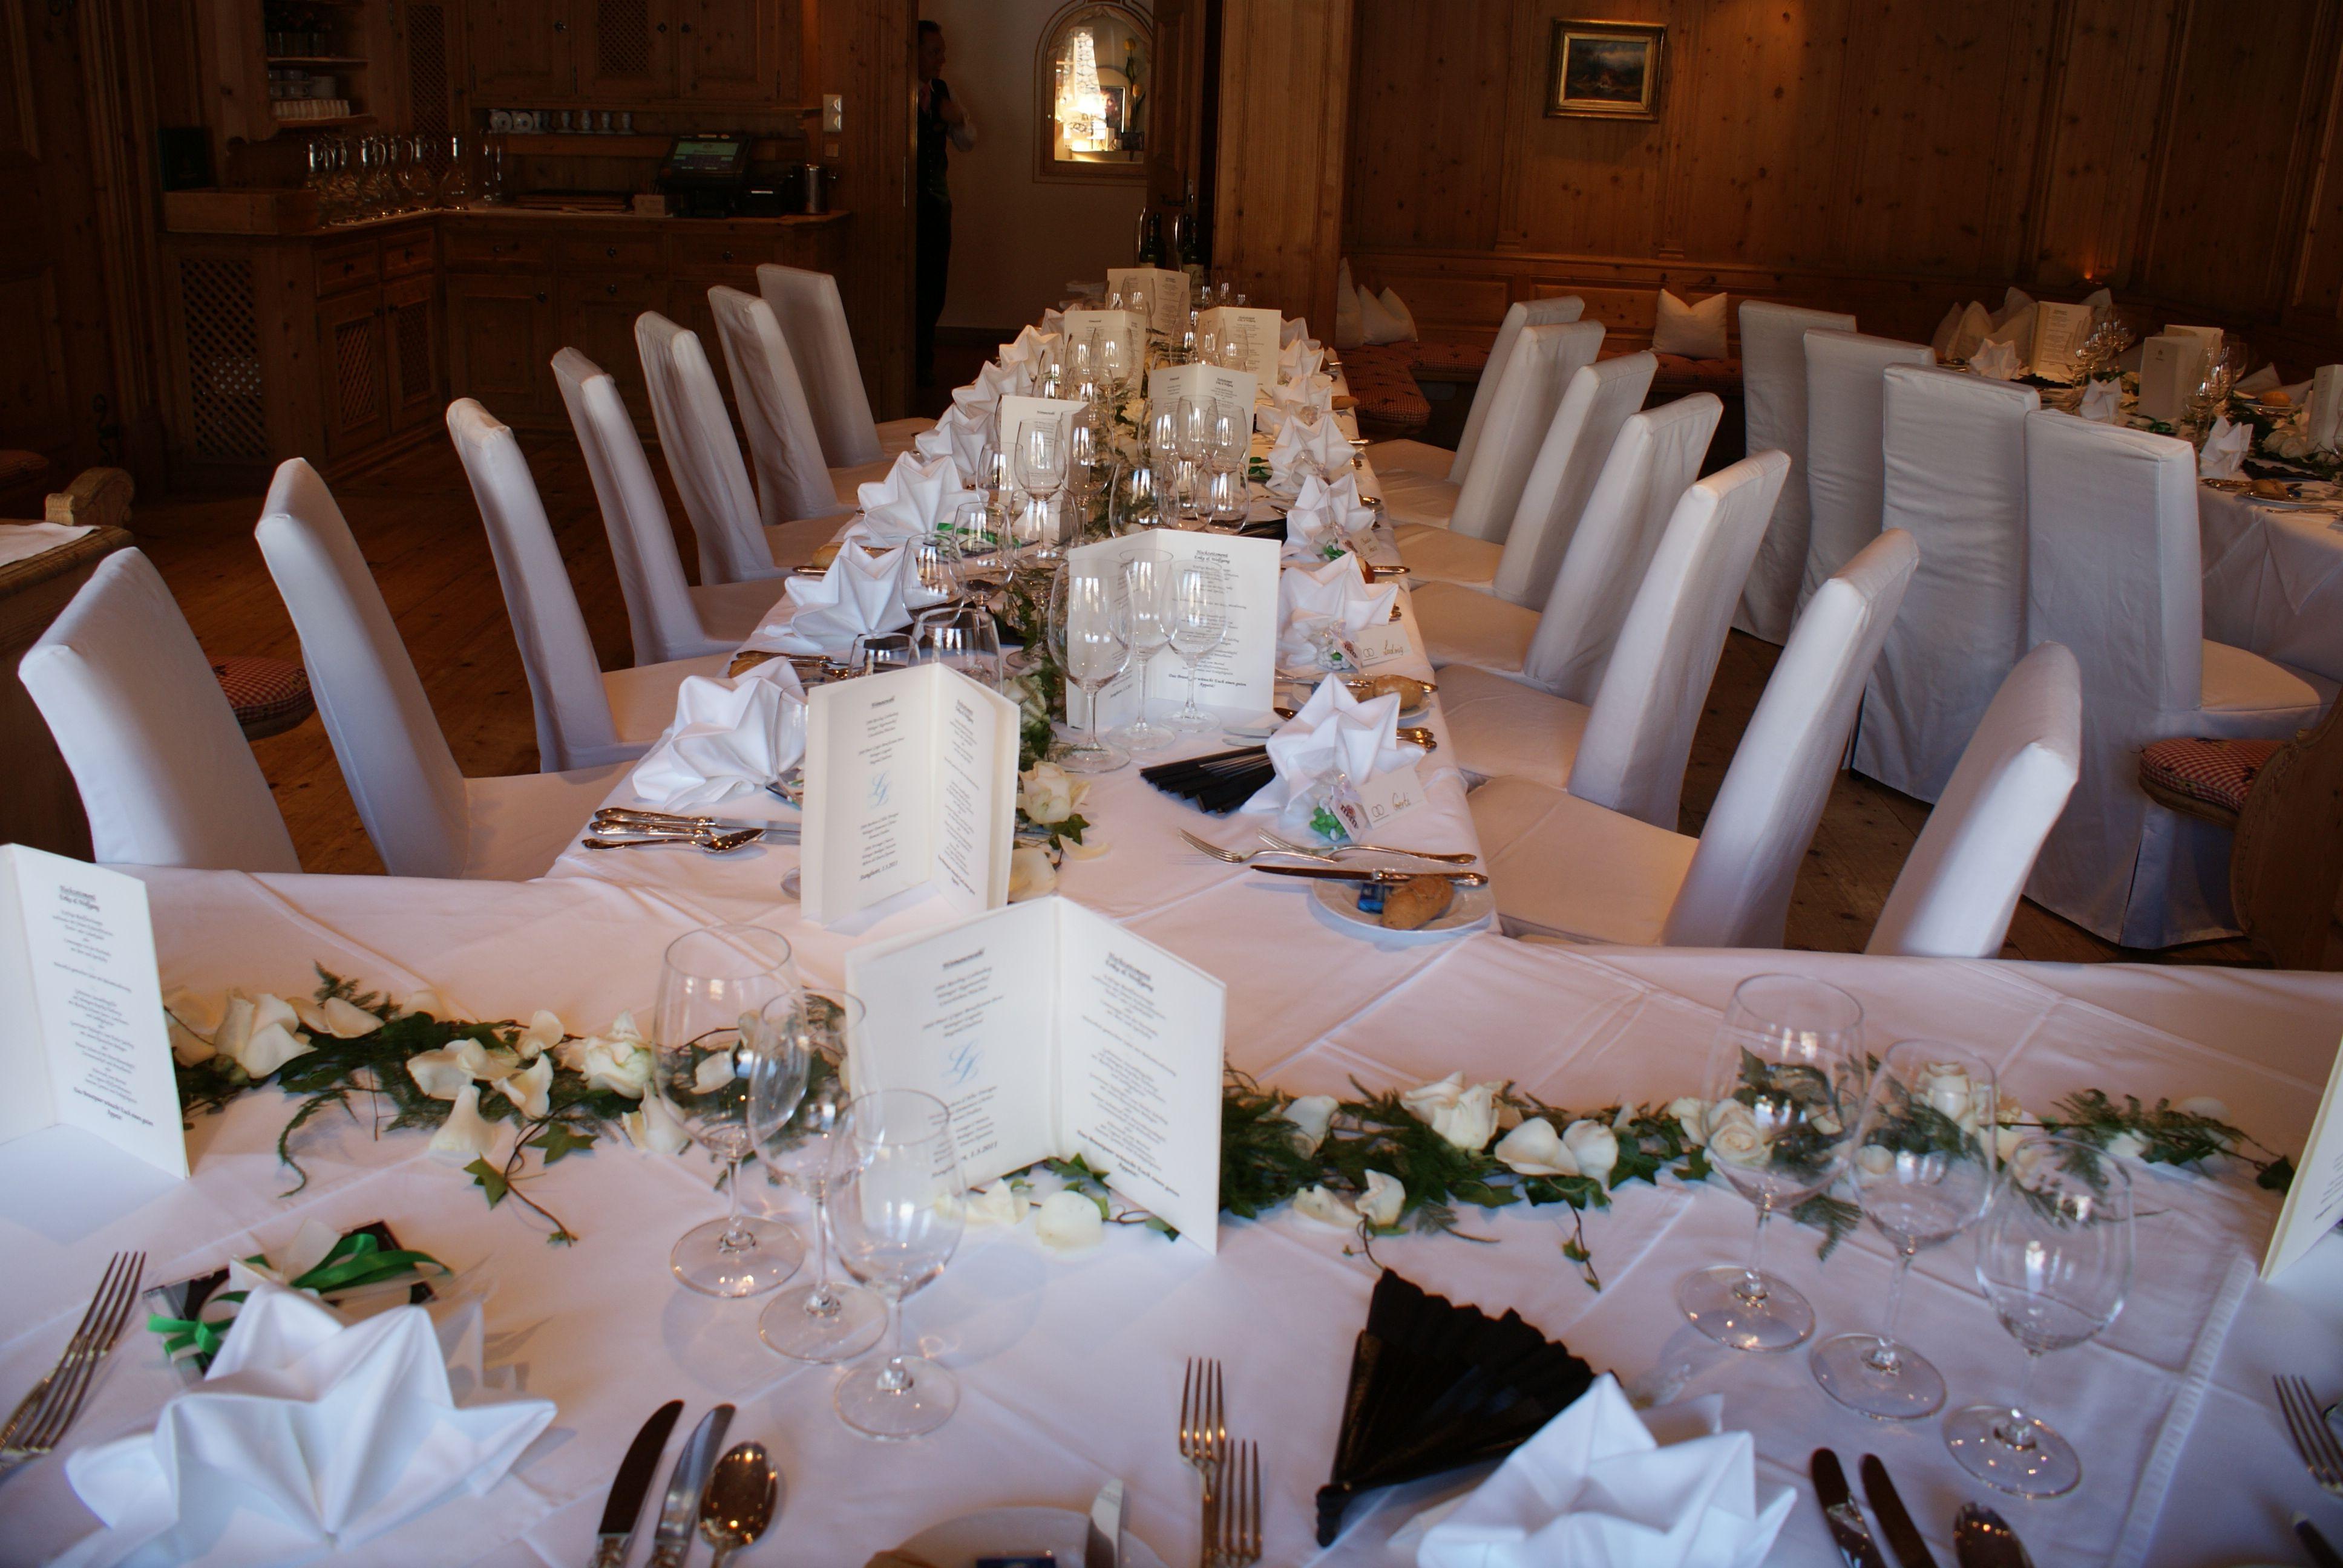 Hochzeit Hochzeitsfeier Restaurant Via Stanglwirt Www